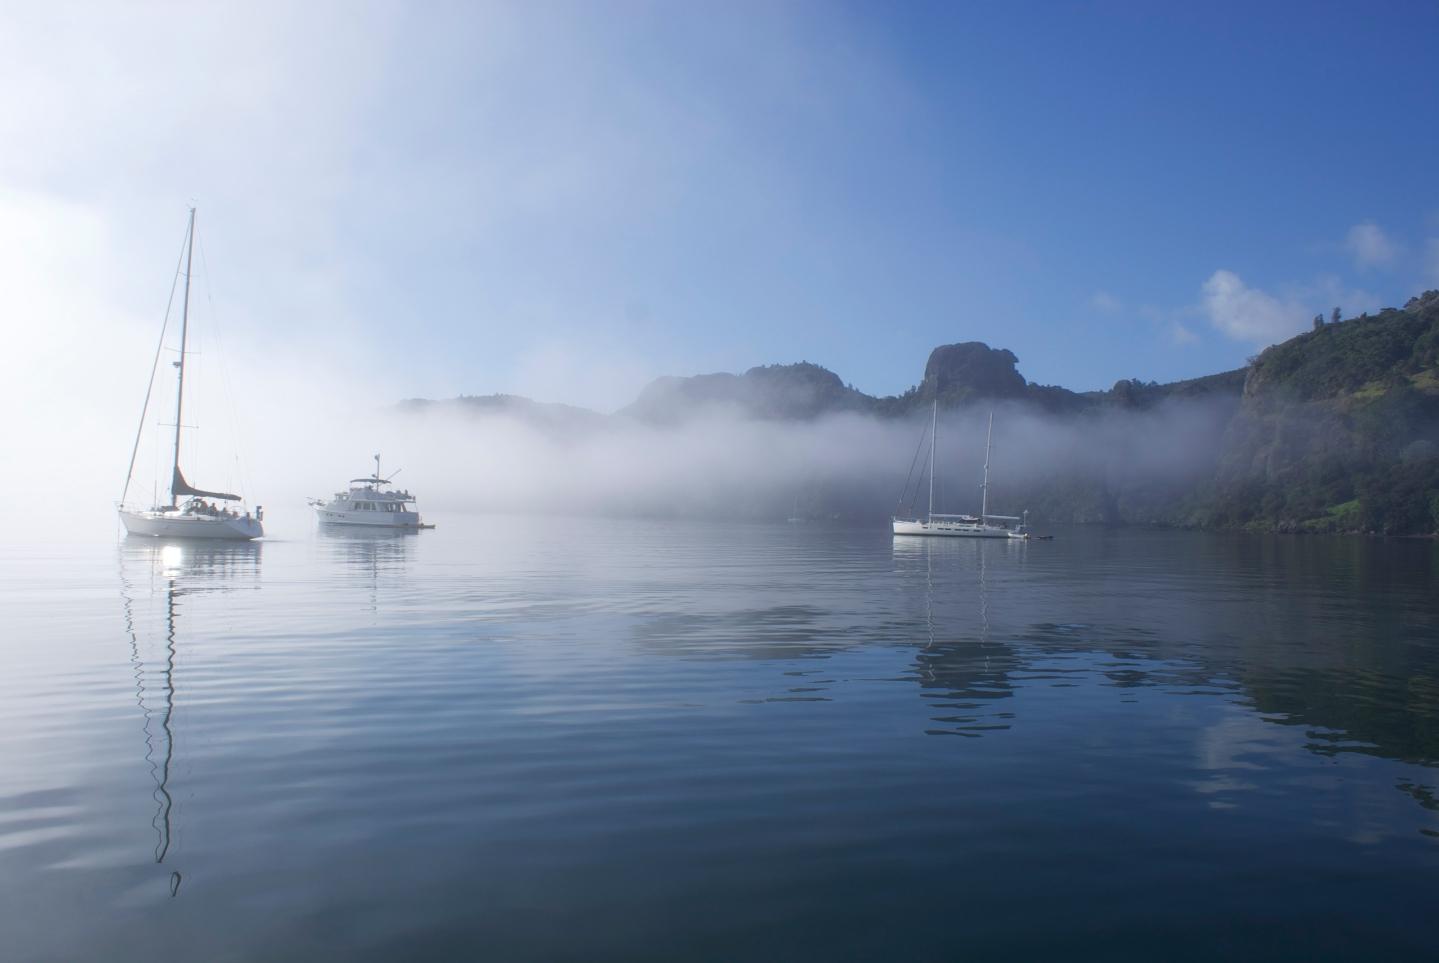 Whangaroa Harbour Northland New Zealand